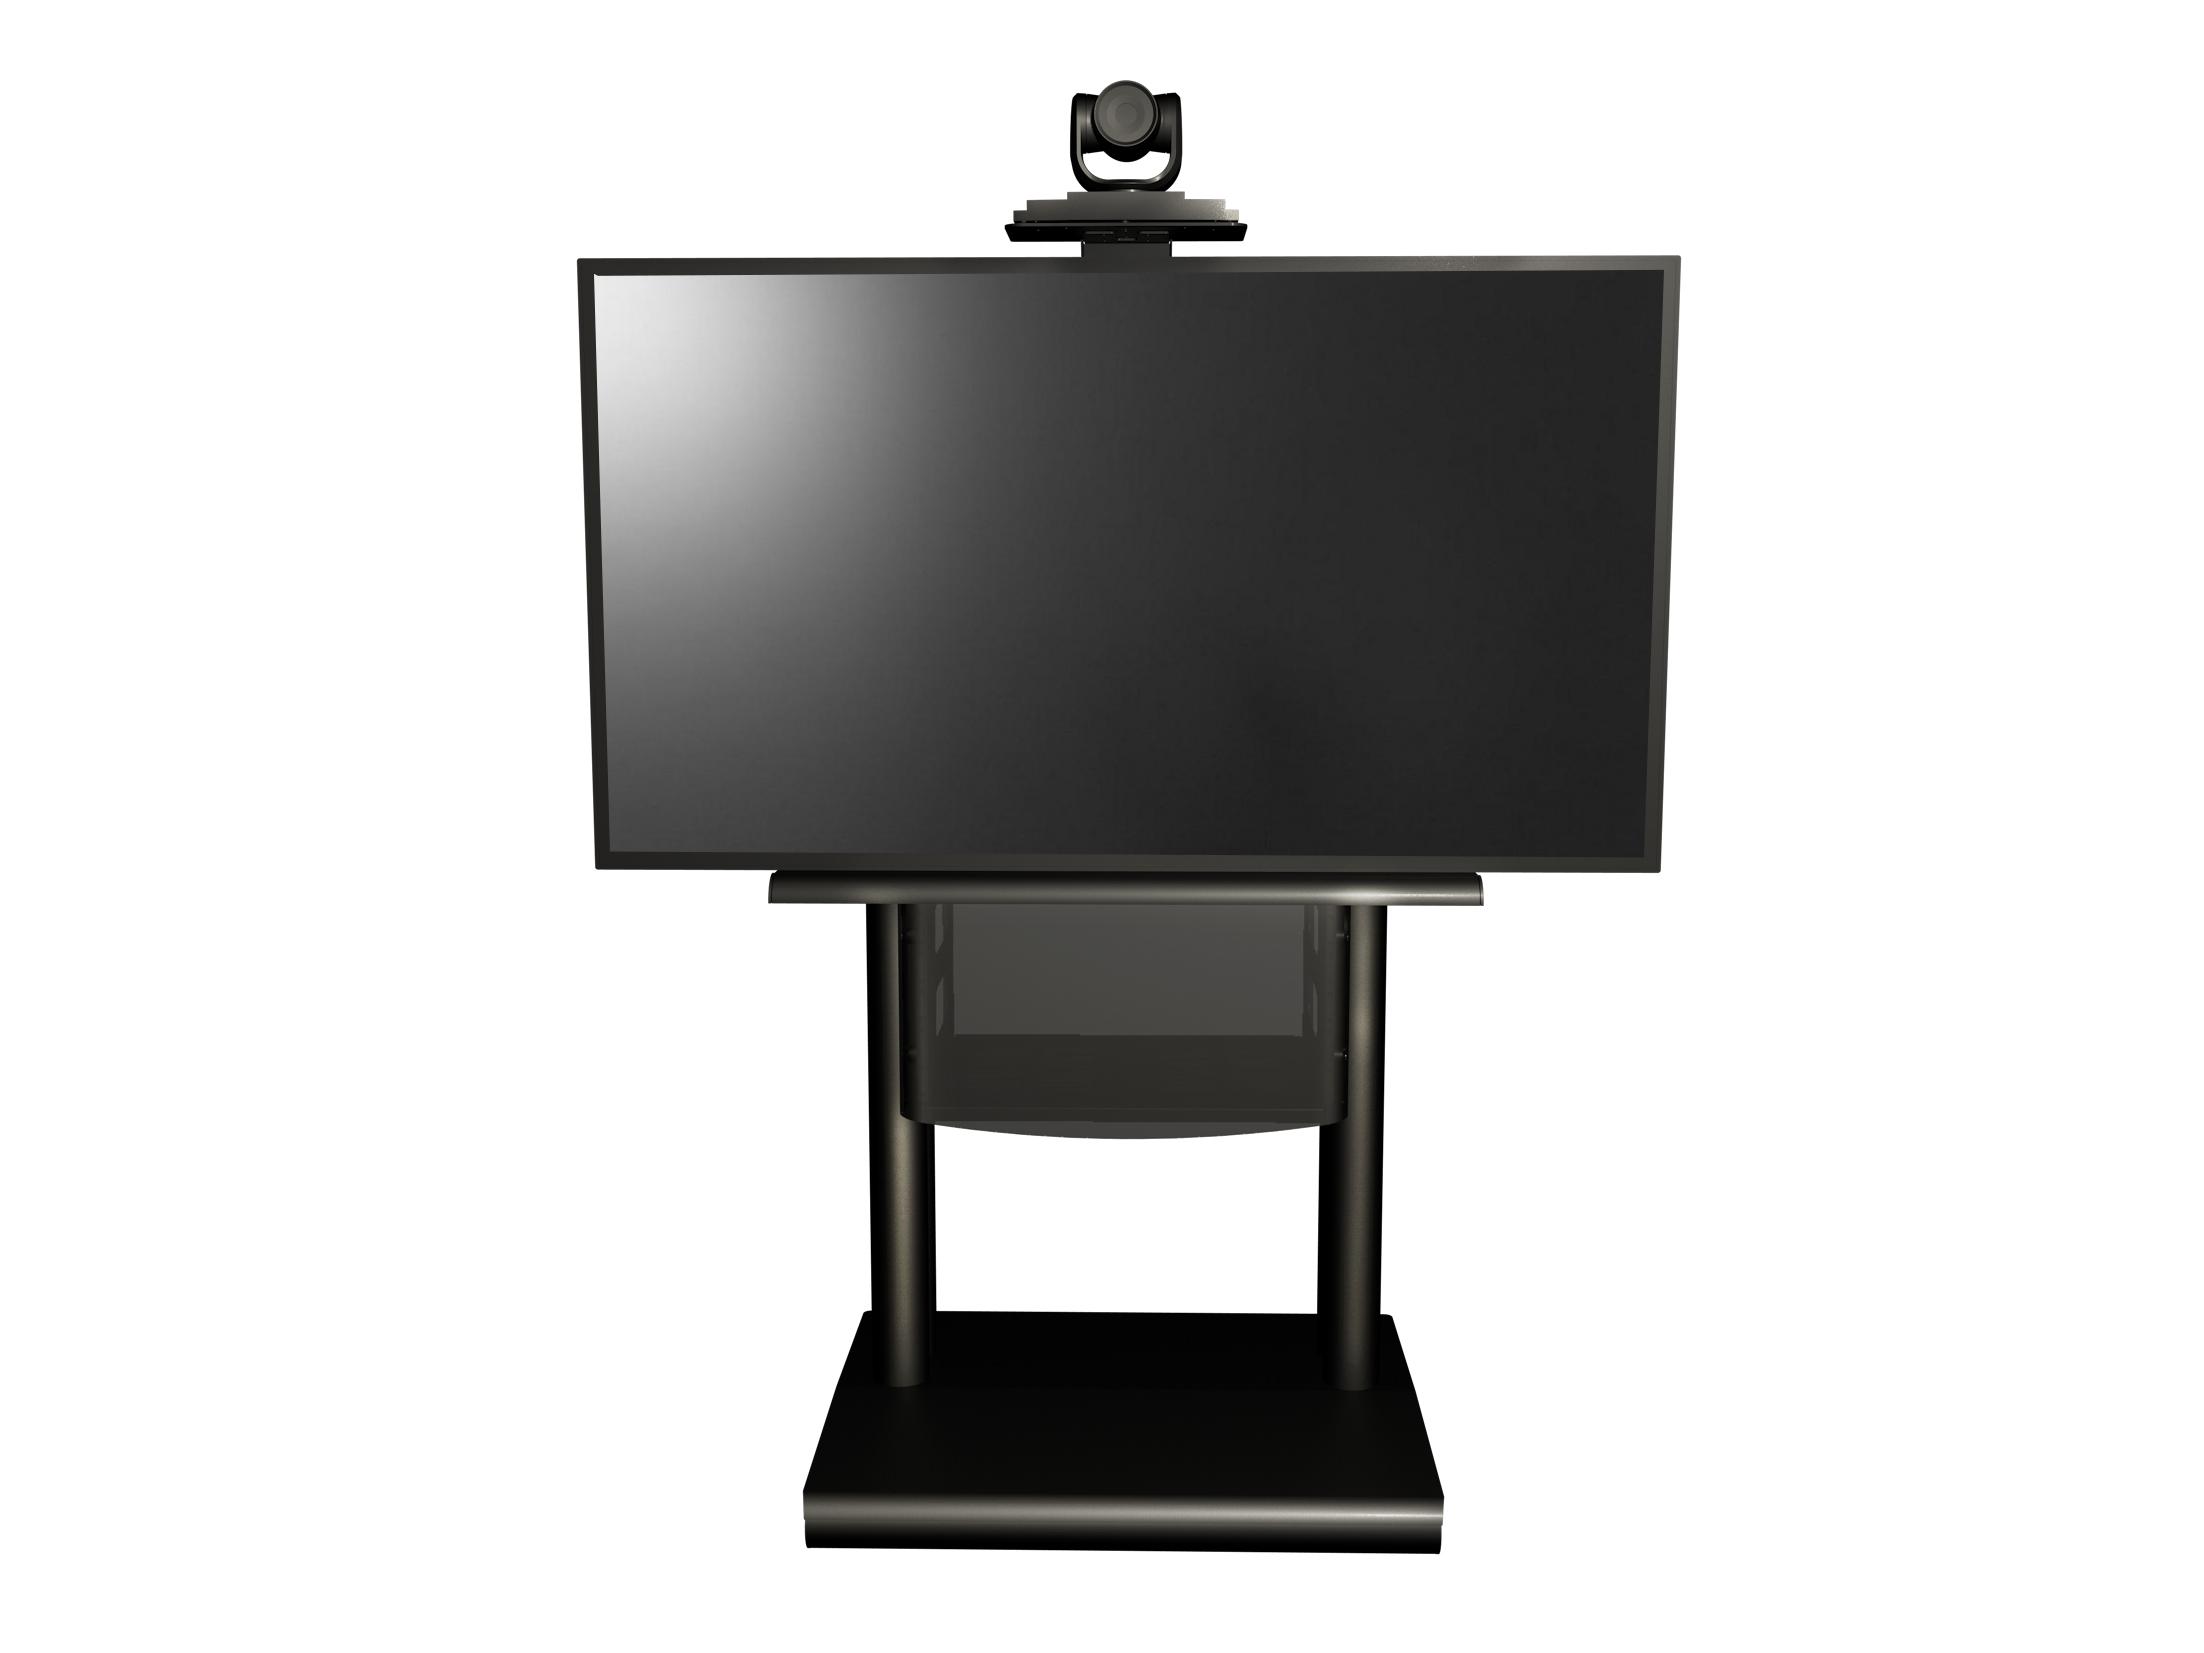 Platea supporto monitor da terra con ruote euromet - Supporto porta tv ...